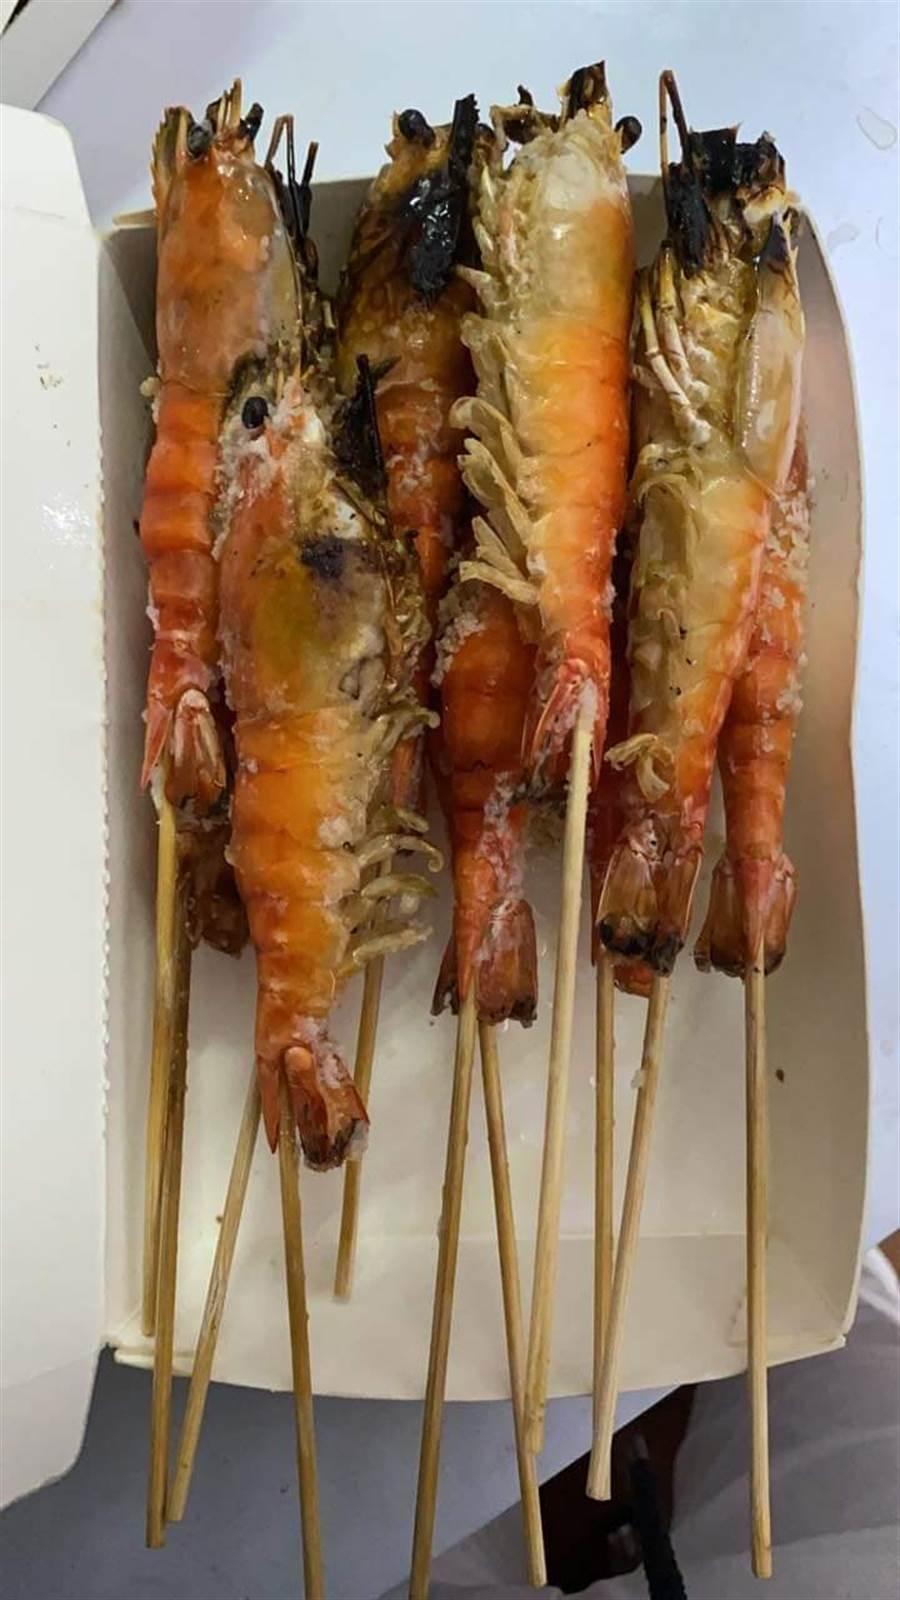 一位民眾在網上抱怨,他賣蝦子被客人嫌重量不對,要求全額退費,沒想到退回來的蝦子ㄧ數後,還少了16隻。(摘自爆怨公社)